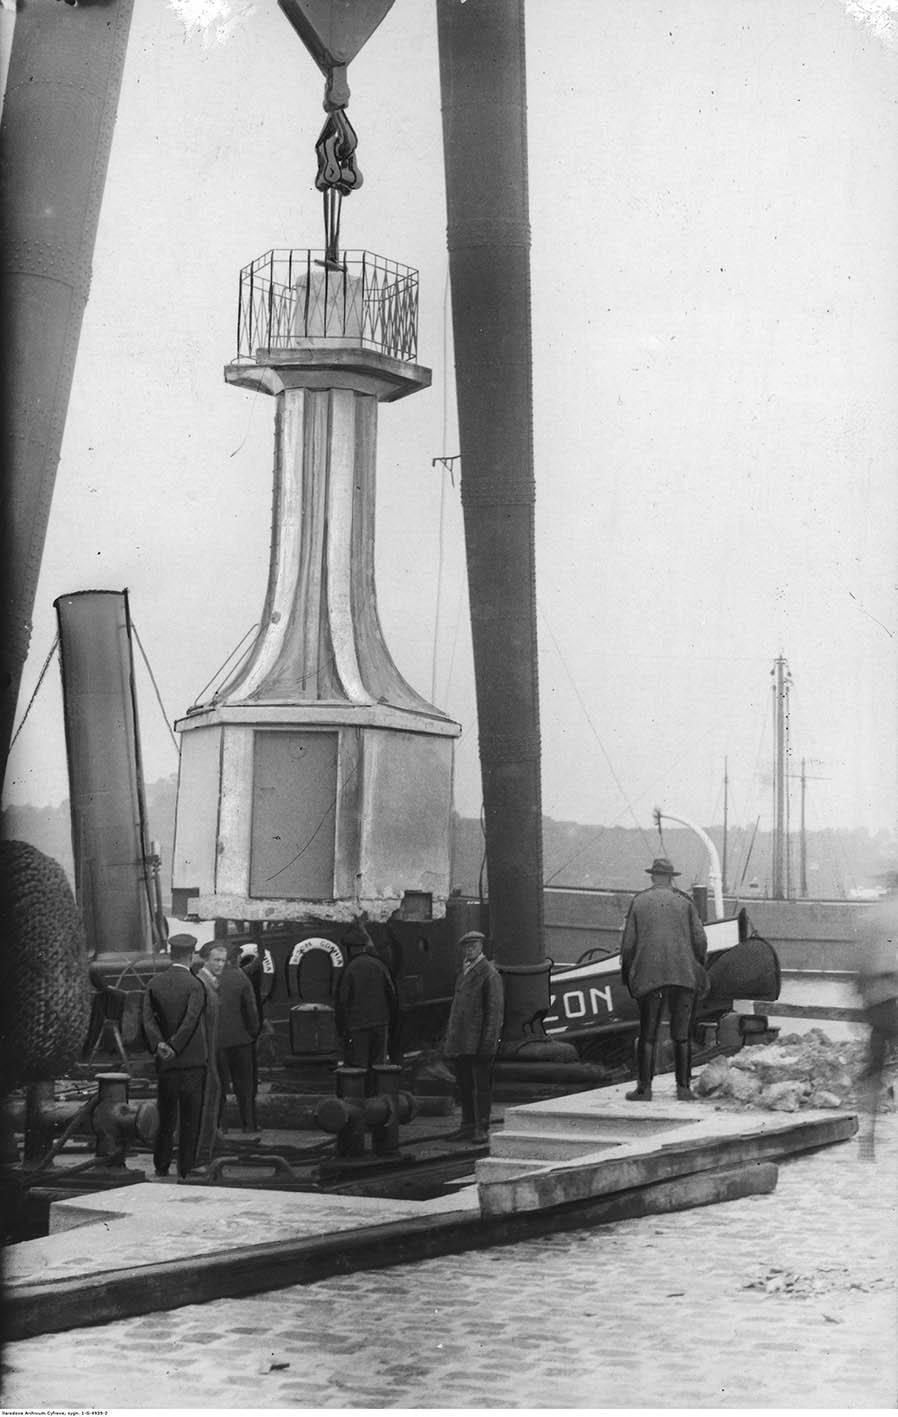 Demontaż latarni morskiej przy pomocy pływającego dźwigu w celu przewiezienia jej do portu helskiego.